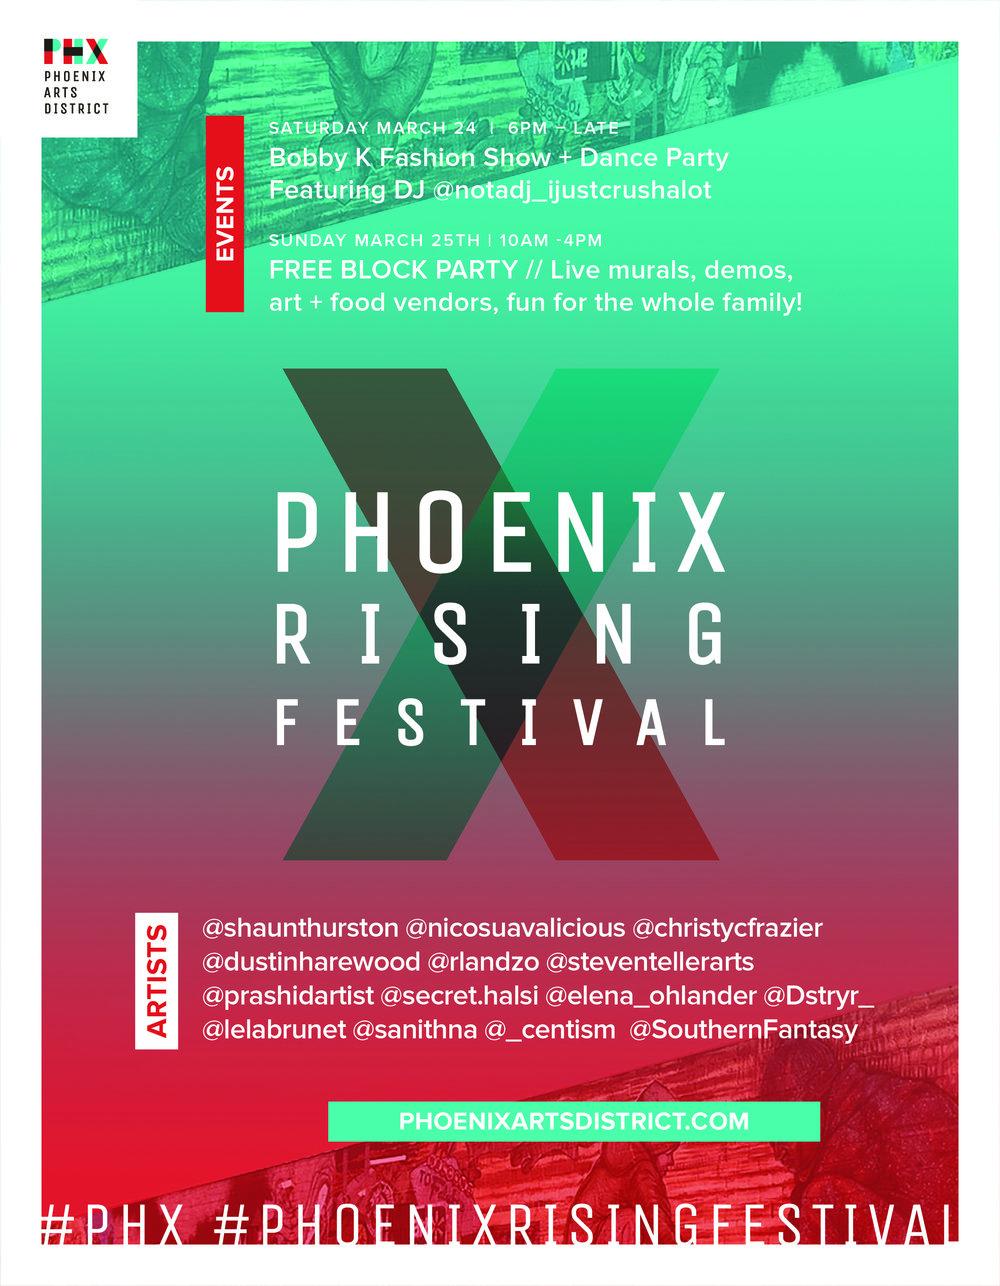 PHX_PhoenixRising_FINAL-4-01.jpg